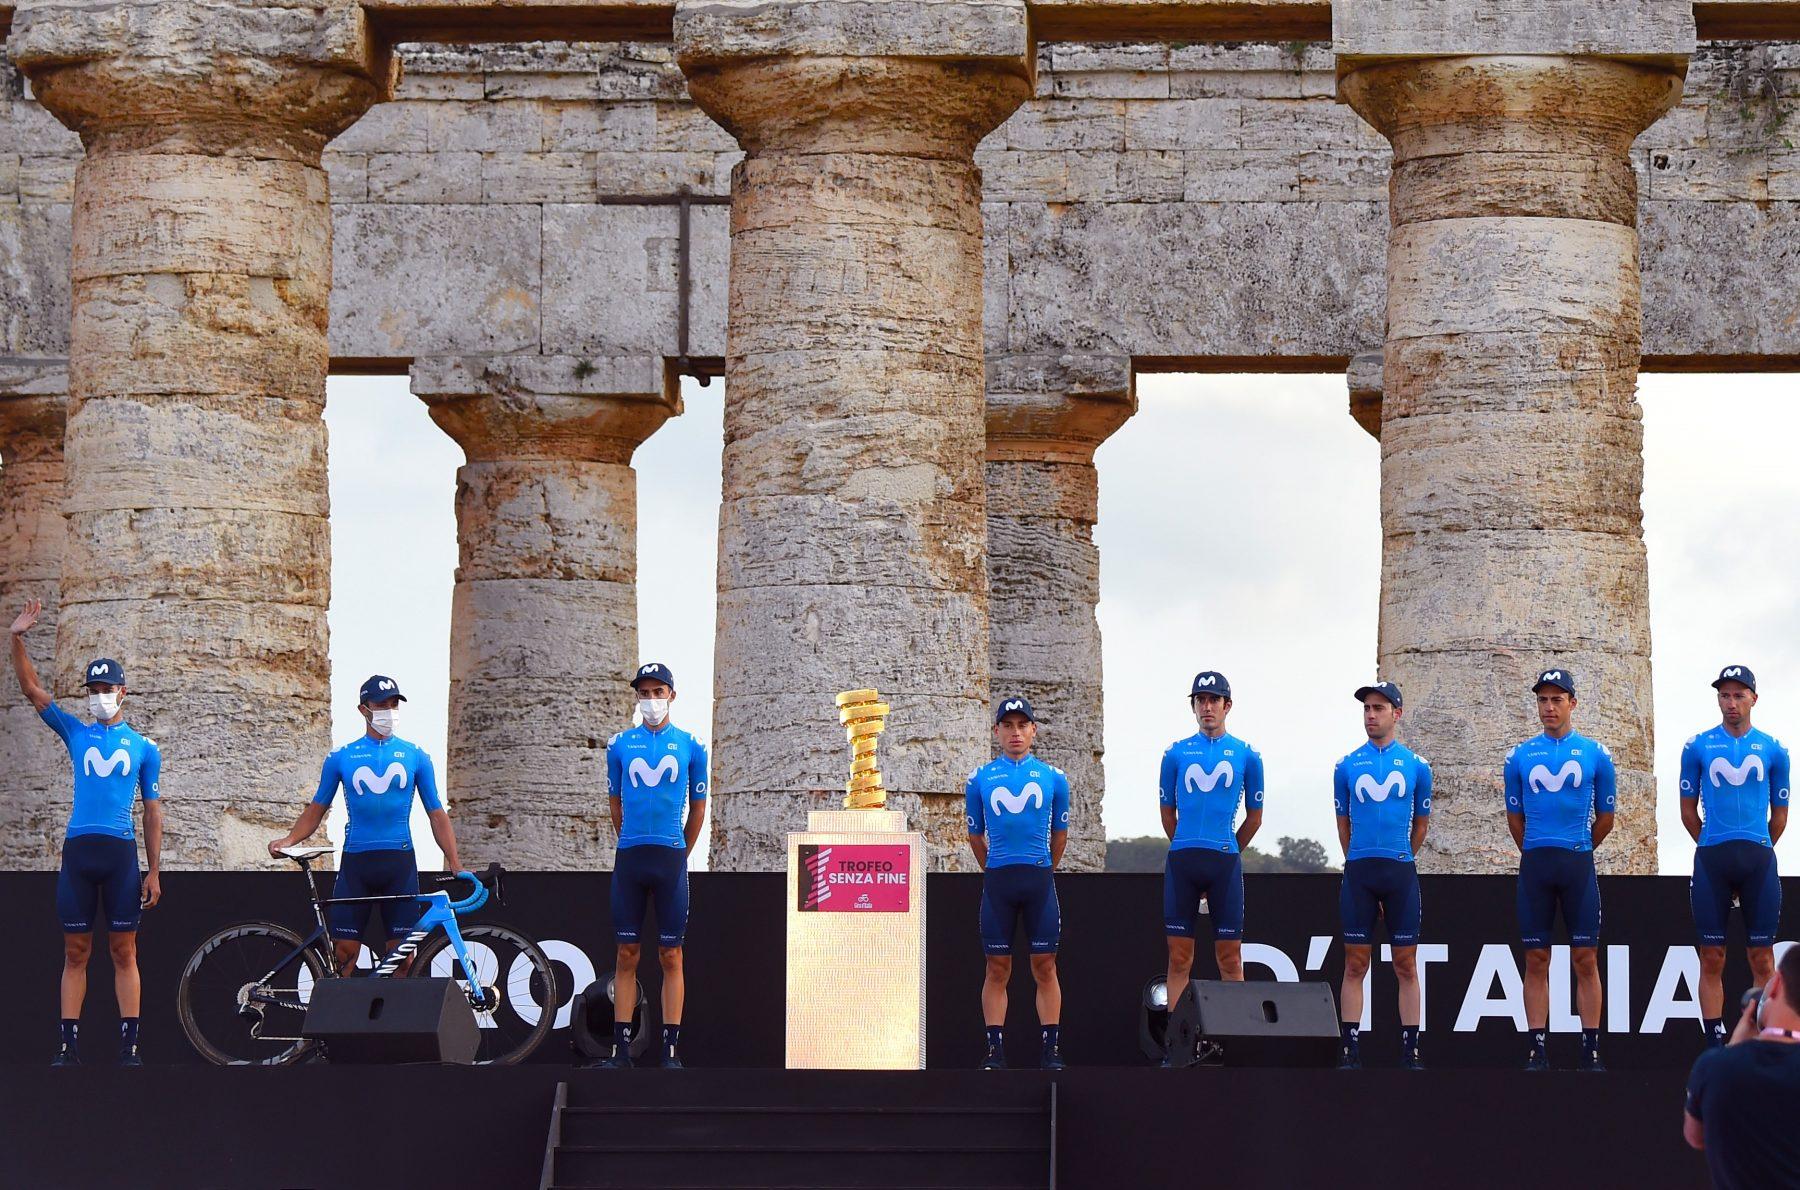 Imagen de la noticia 'Movistar Team da sus primeros pasos en el Giro 2020'